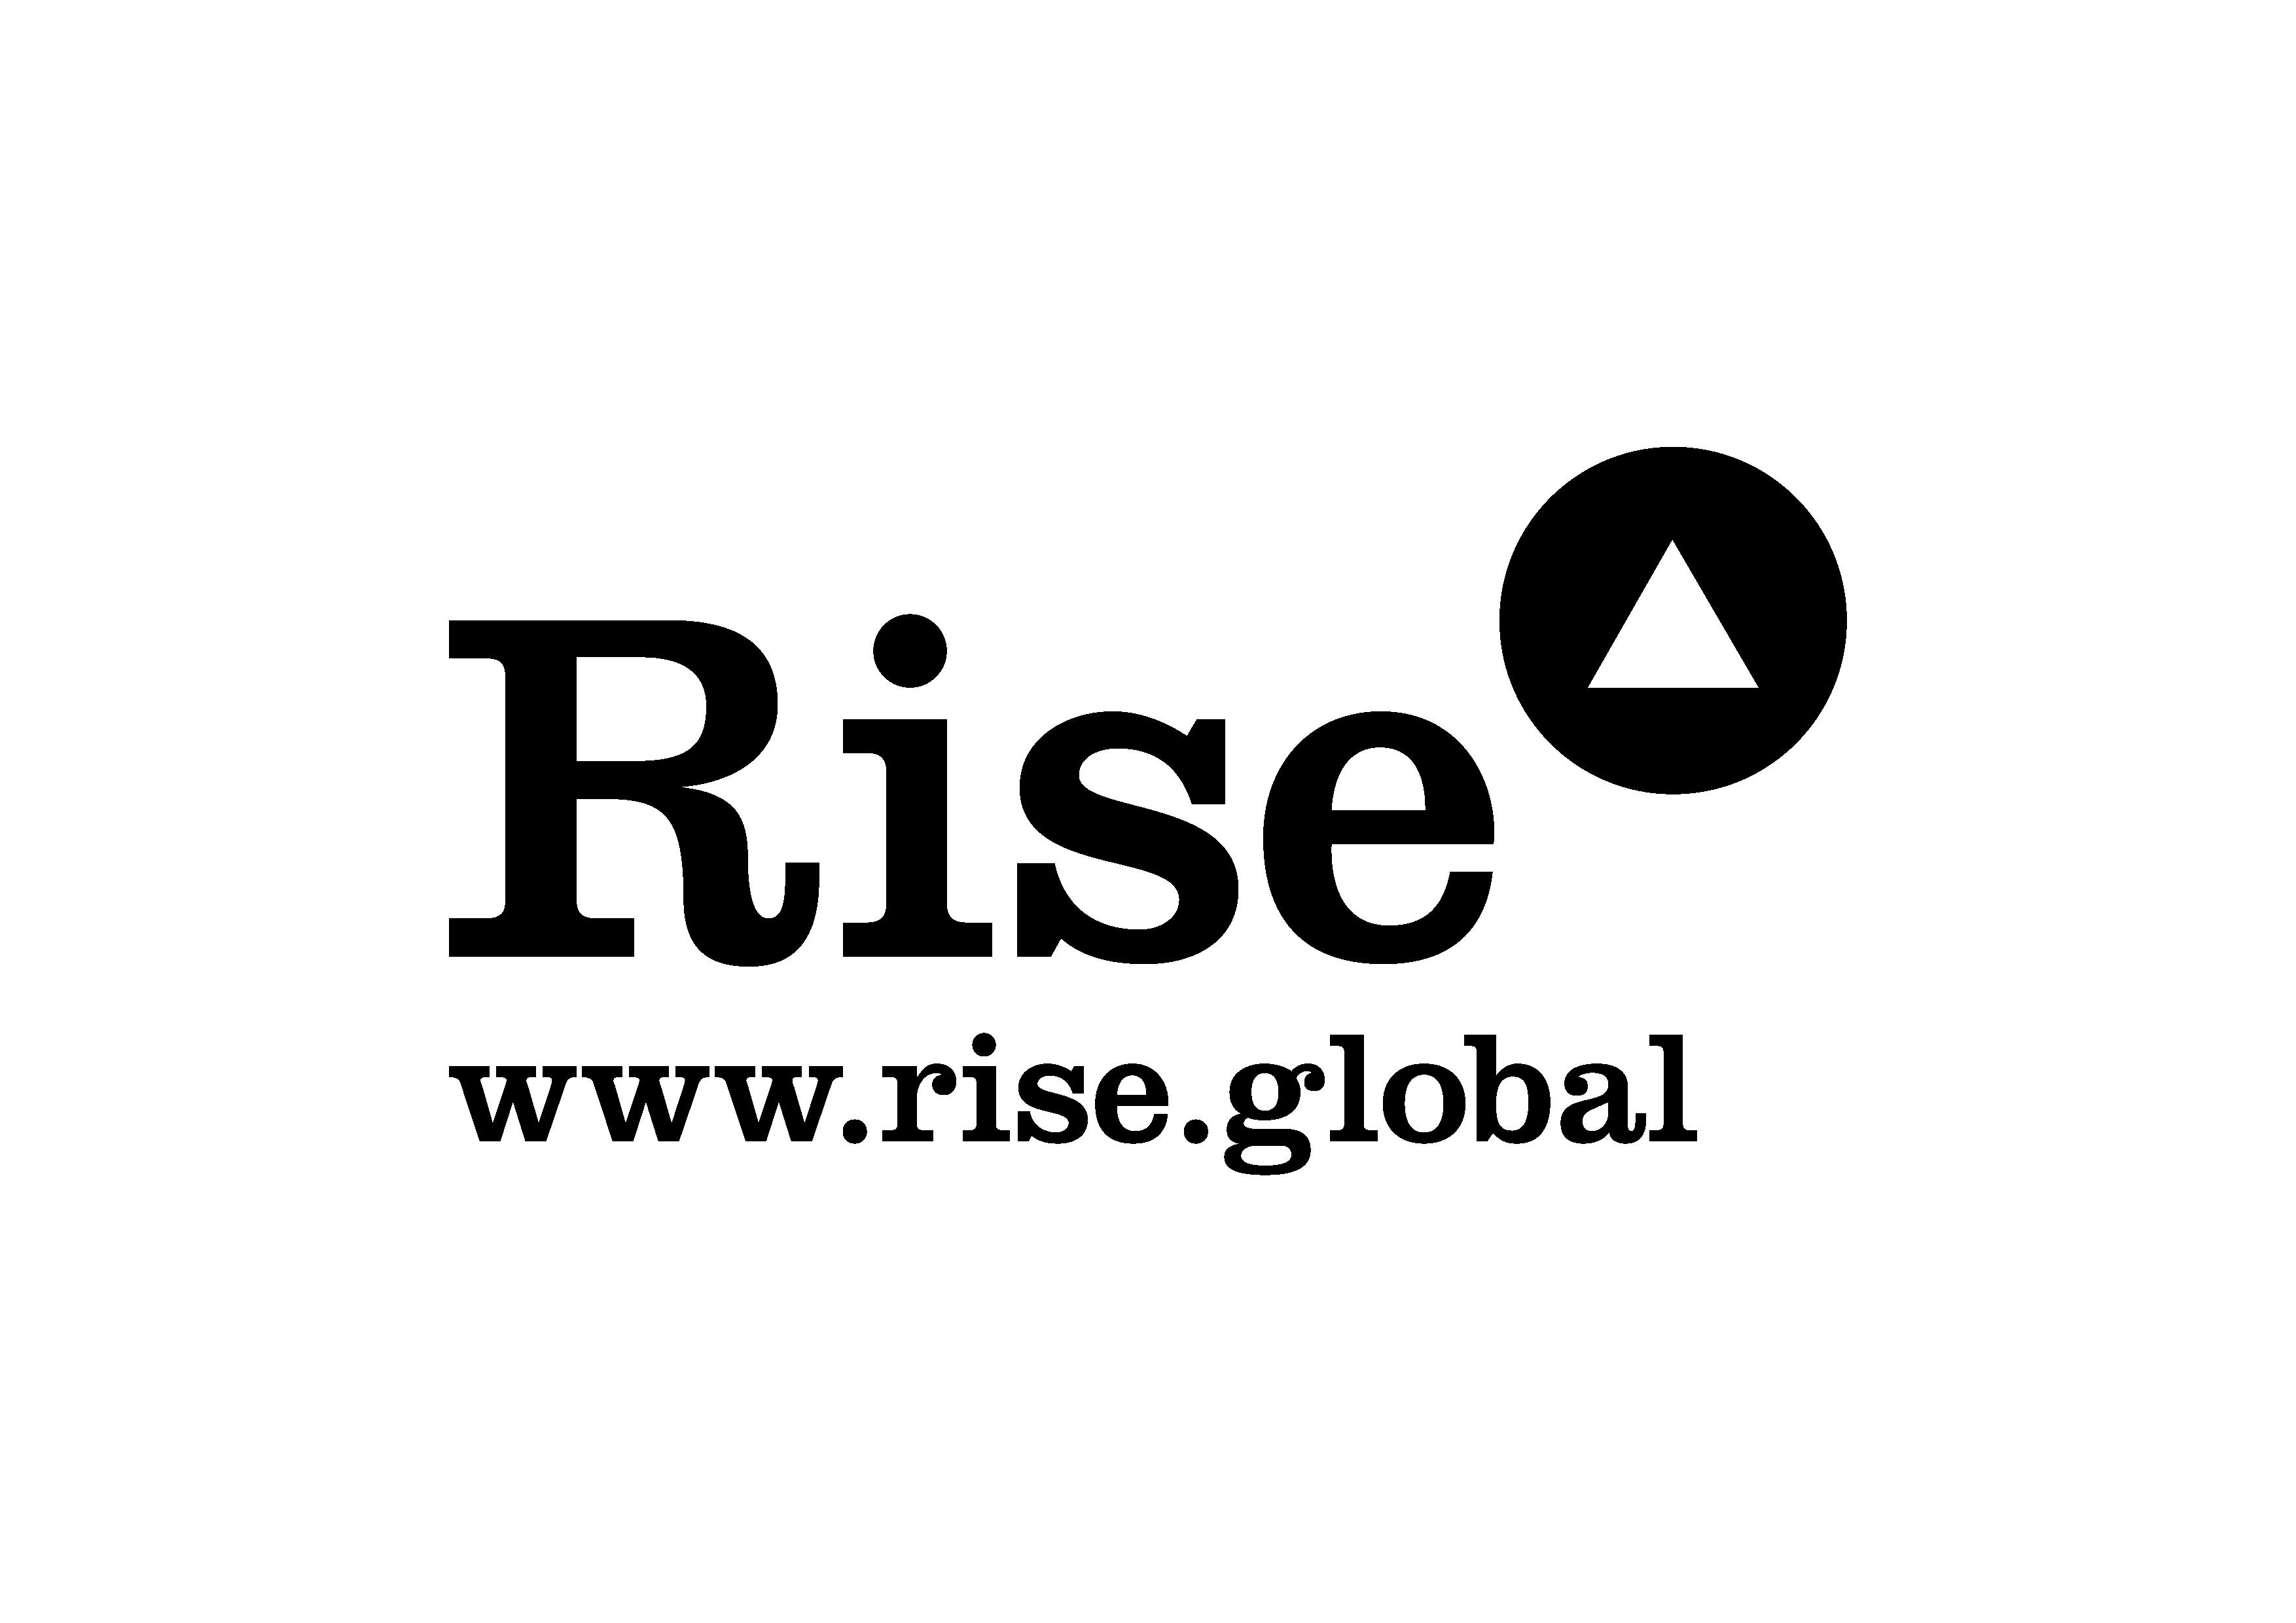 Rise.global logo